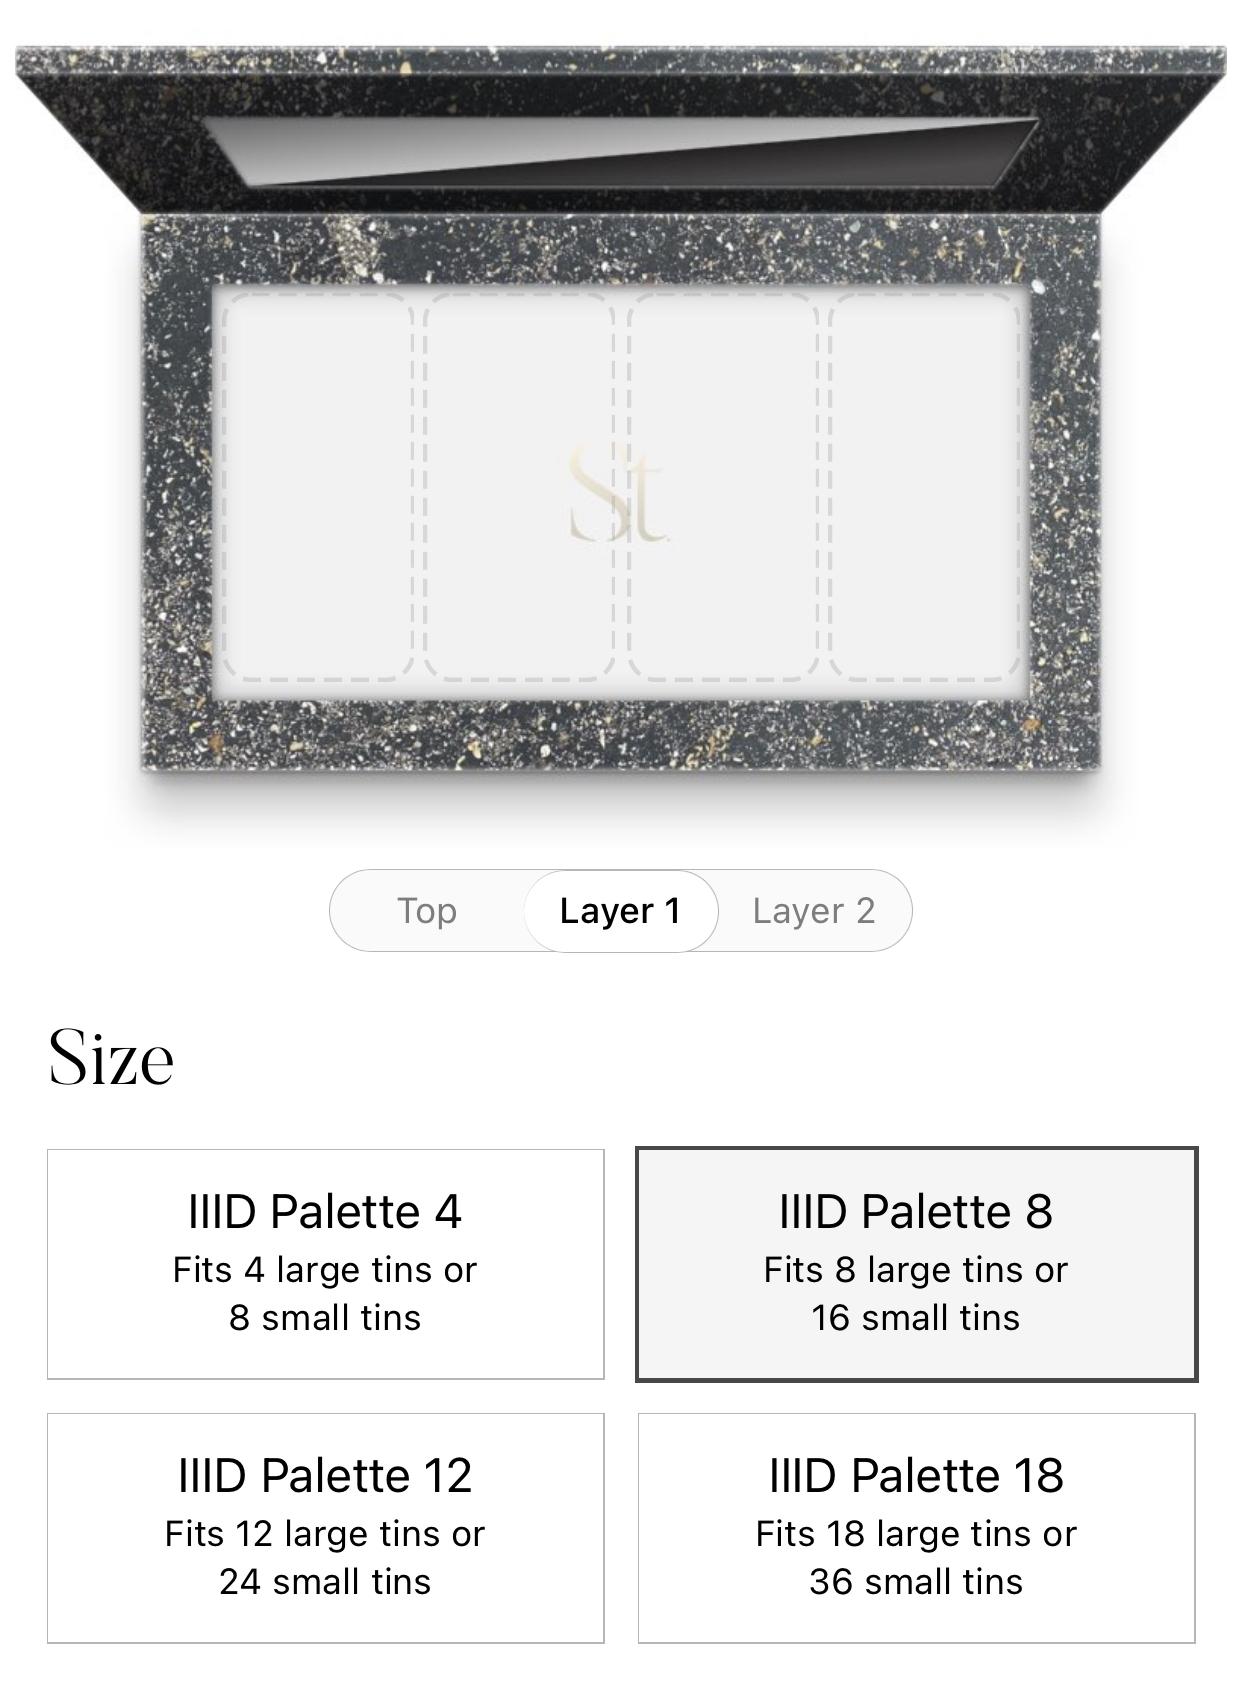 IIID Palette 8